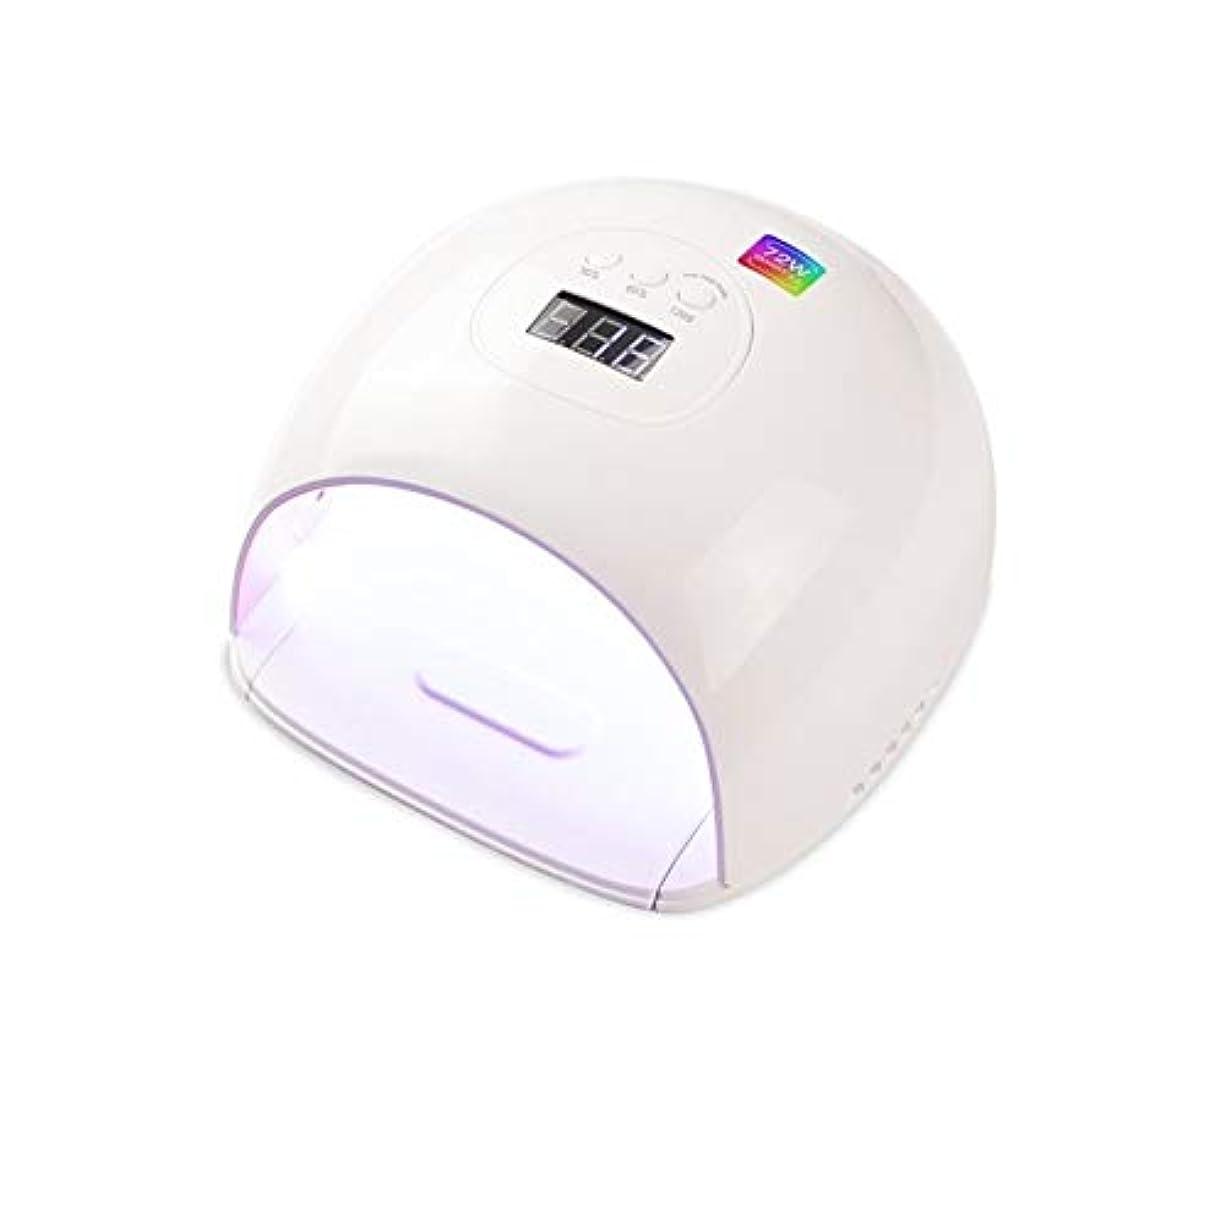 満了協会有効なLittleCat UV / LEDランプスマートセンサネイルUVランプ電力72Wプラスチックポーランドドライヤー (色 : European standard circular plug)